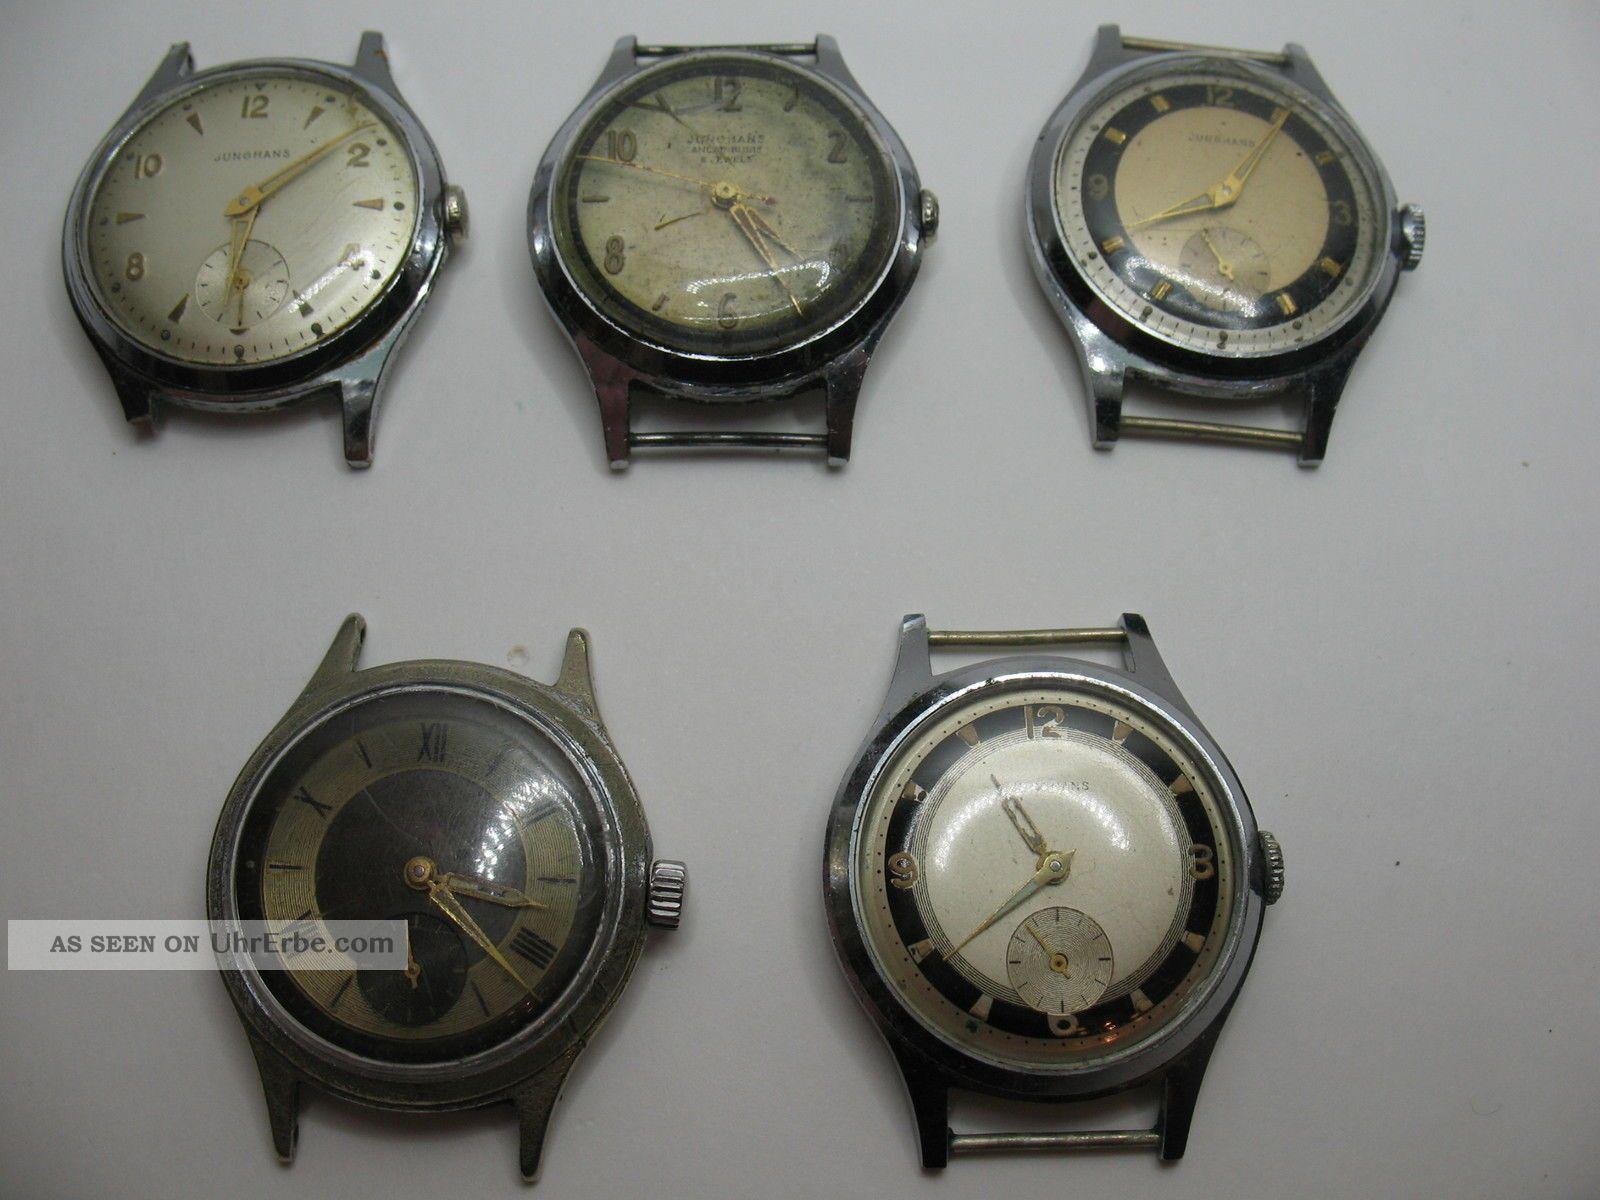 Konvolut Von 5 Junghans Herrenuhren Mit Dem Kaliber 93 Aus Den 50er Jahren Armbanduhren Bild